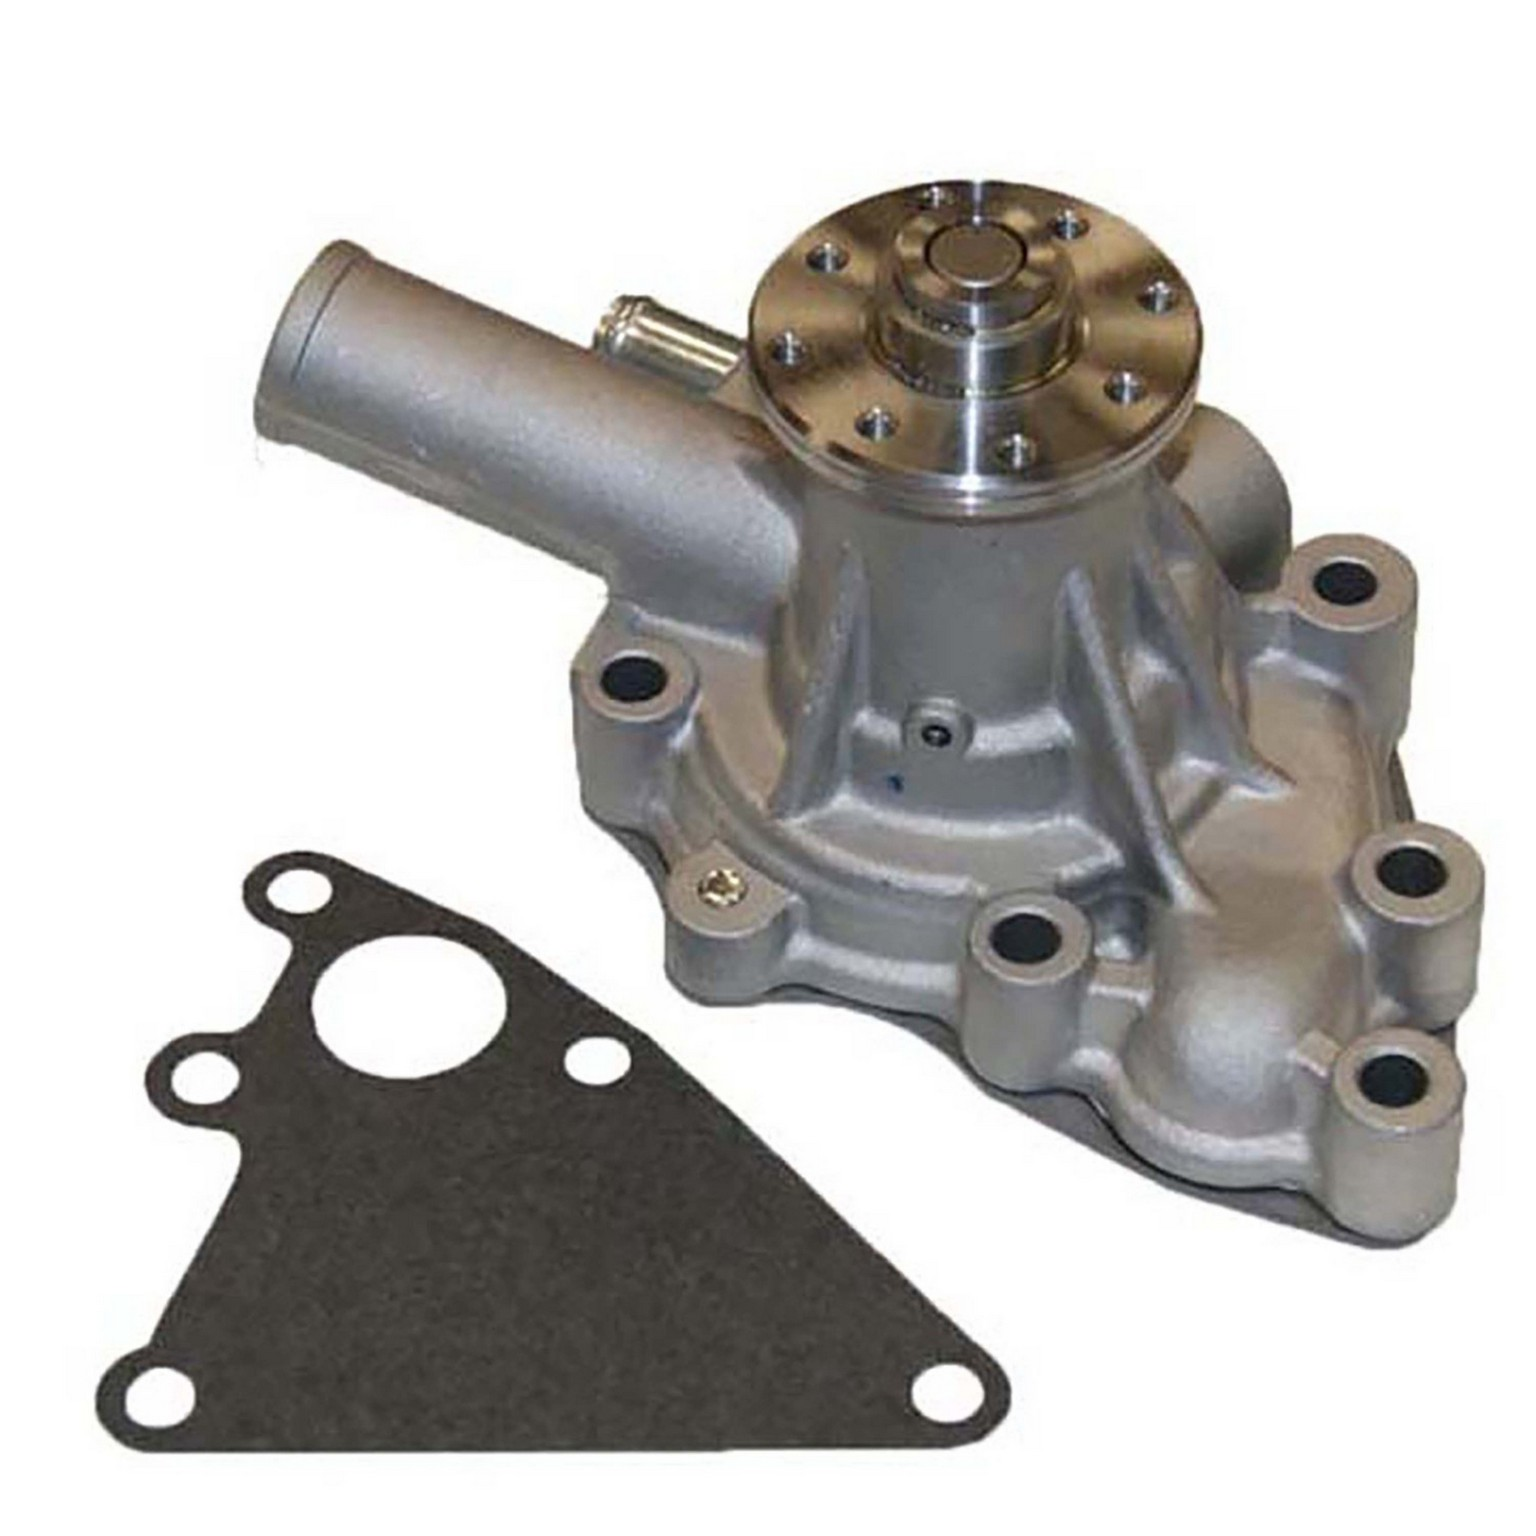 hight resolution of 1987 isuzu trooper engine water pump g6 140 1200